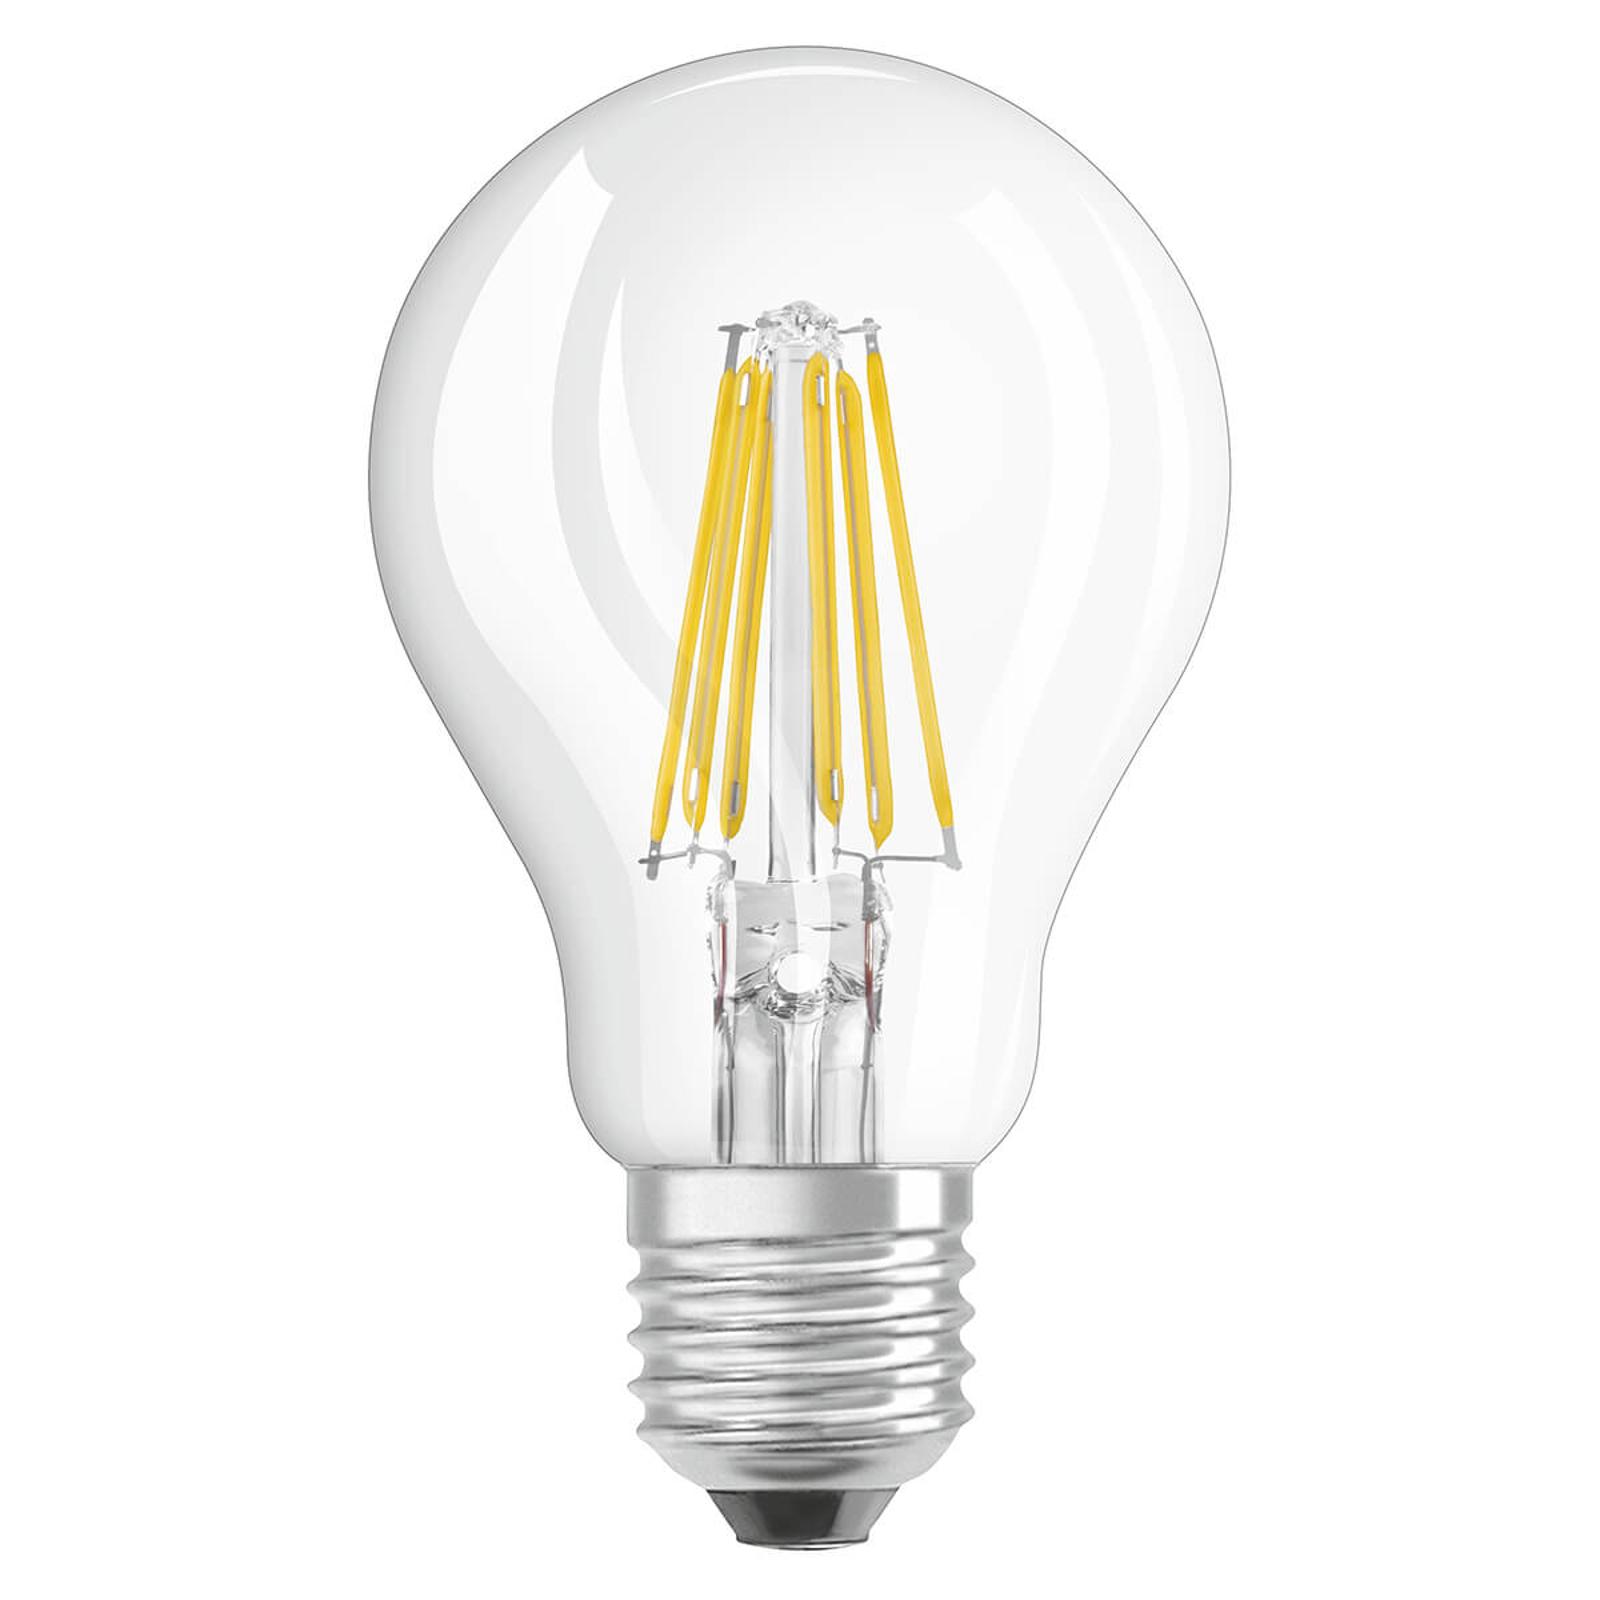 LED-Filament-Lampe E27 7,5W, warmweiß, 1.055 Lumen